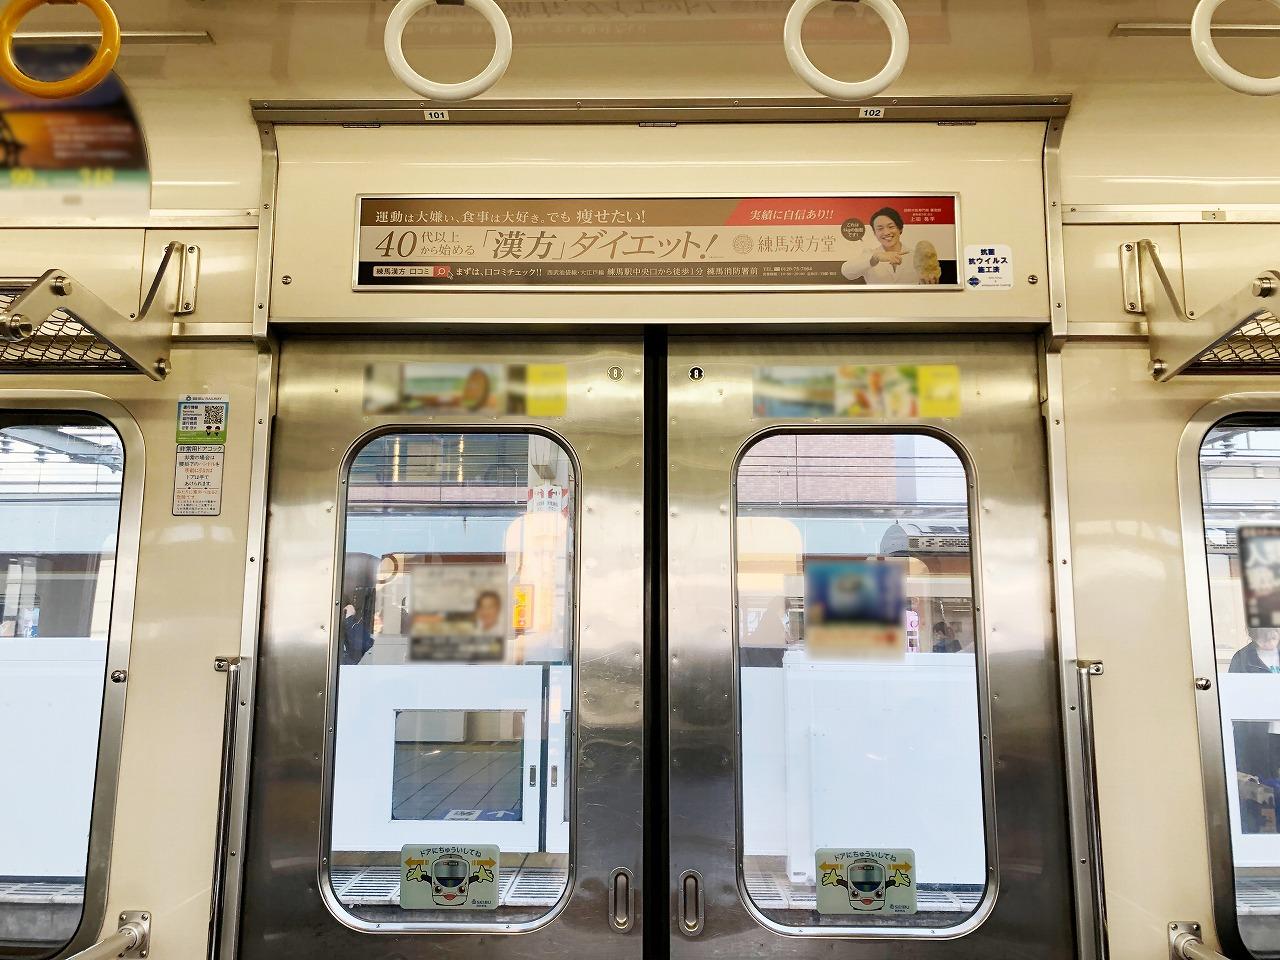 西武 池袋線 ドア上ポスター (4)